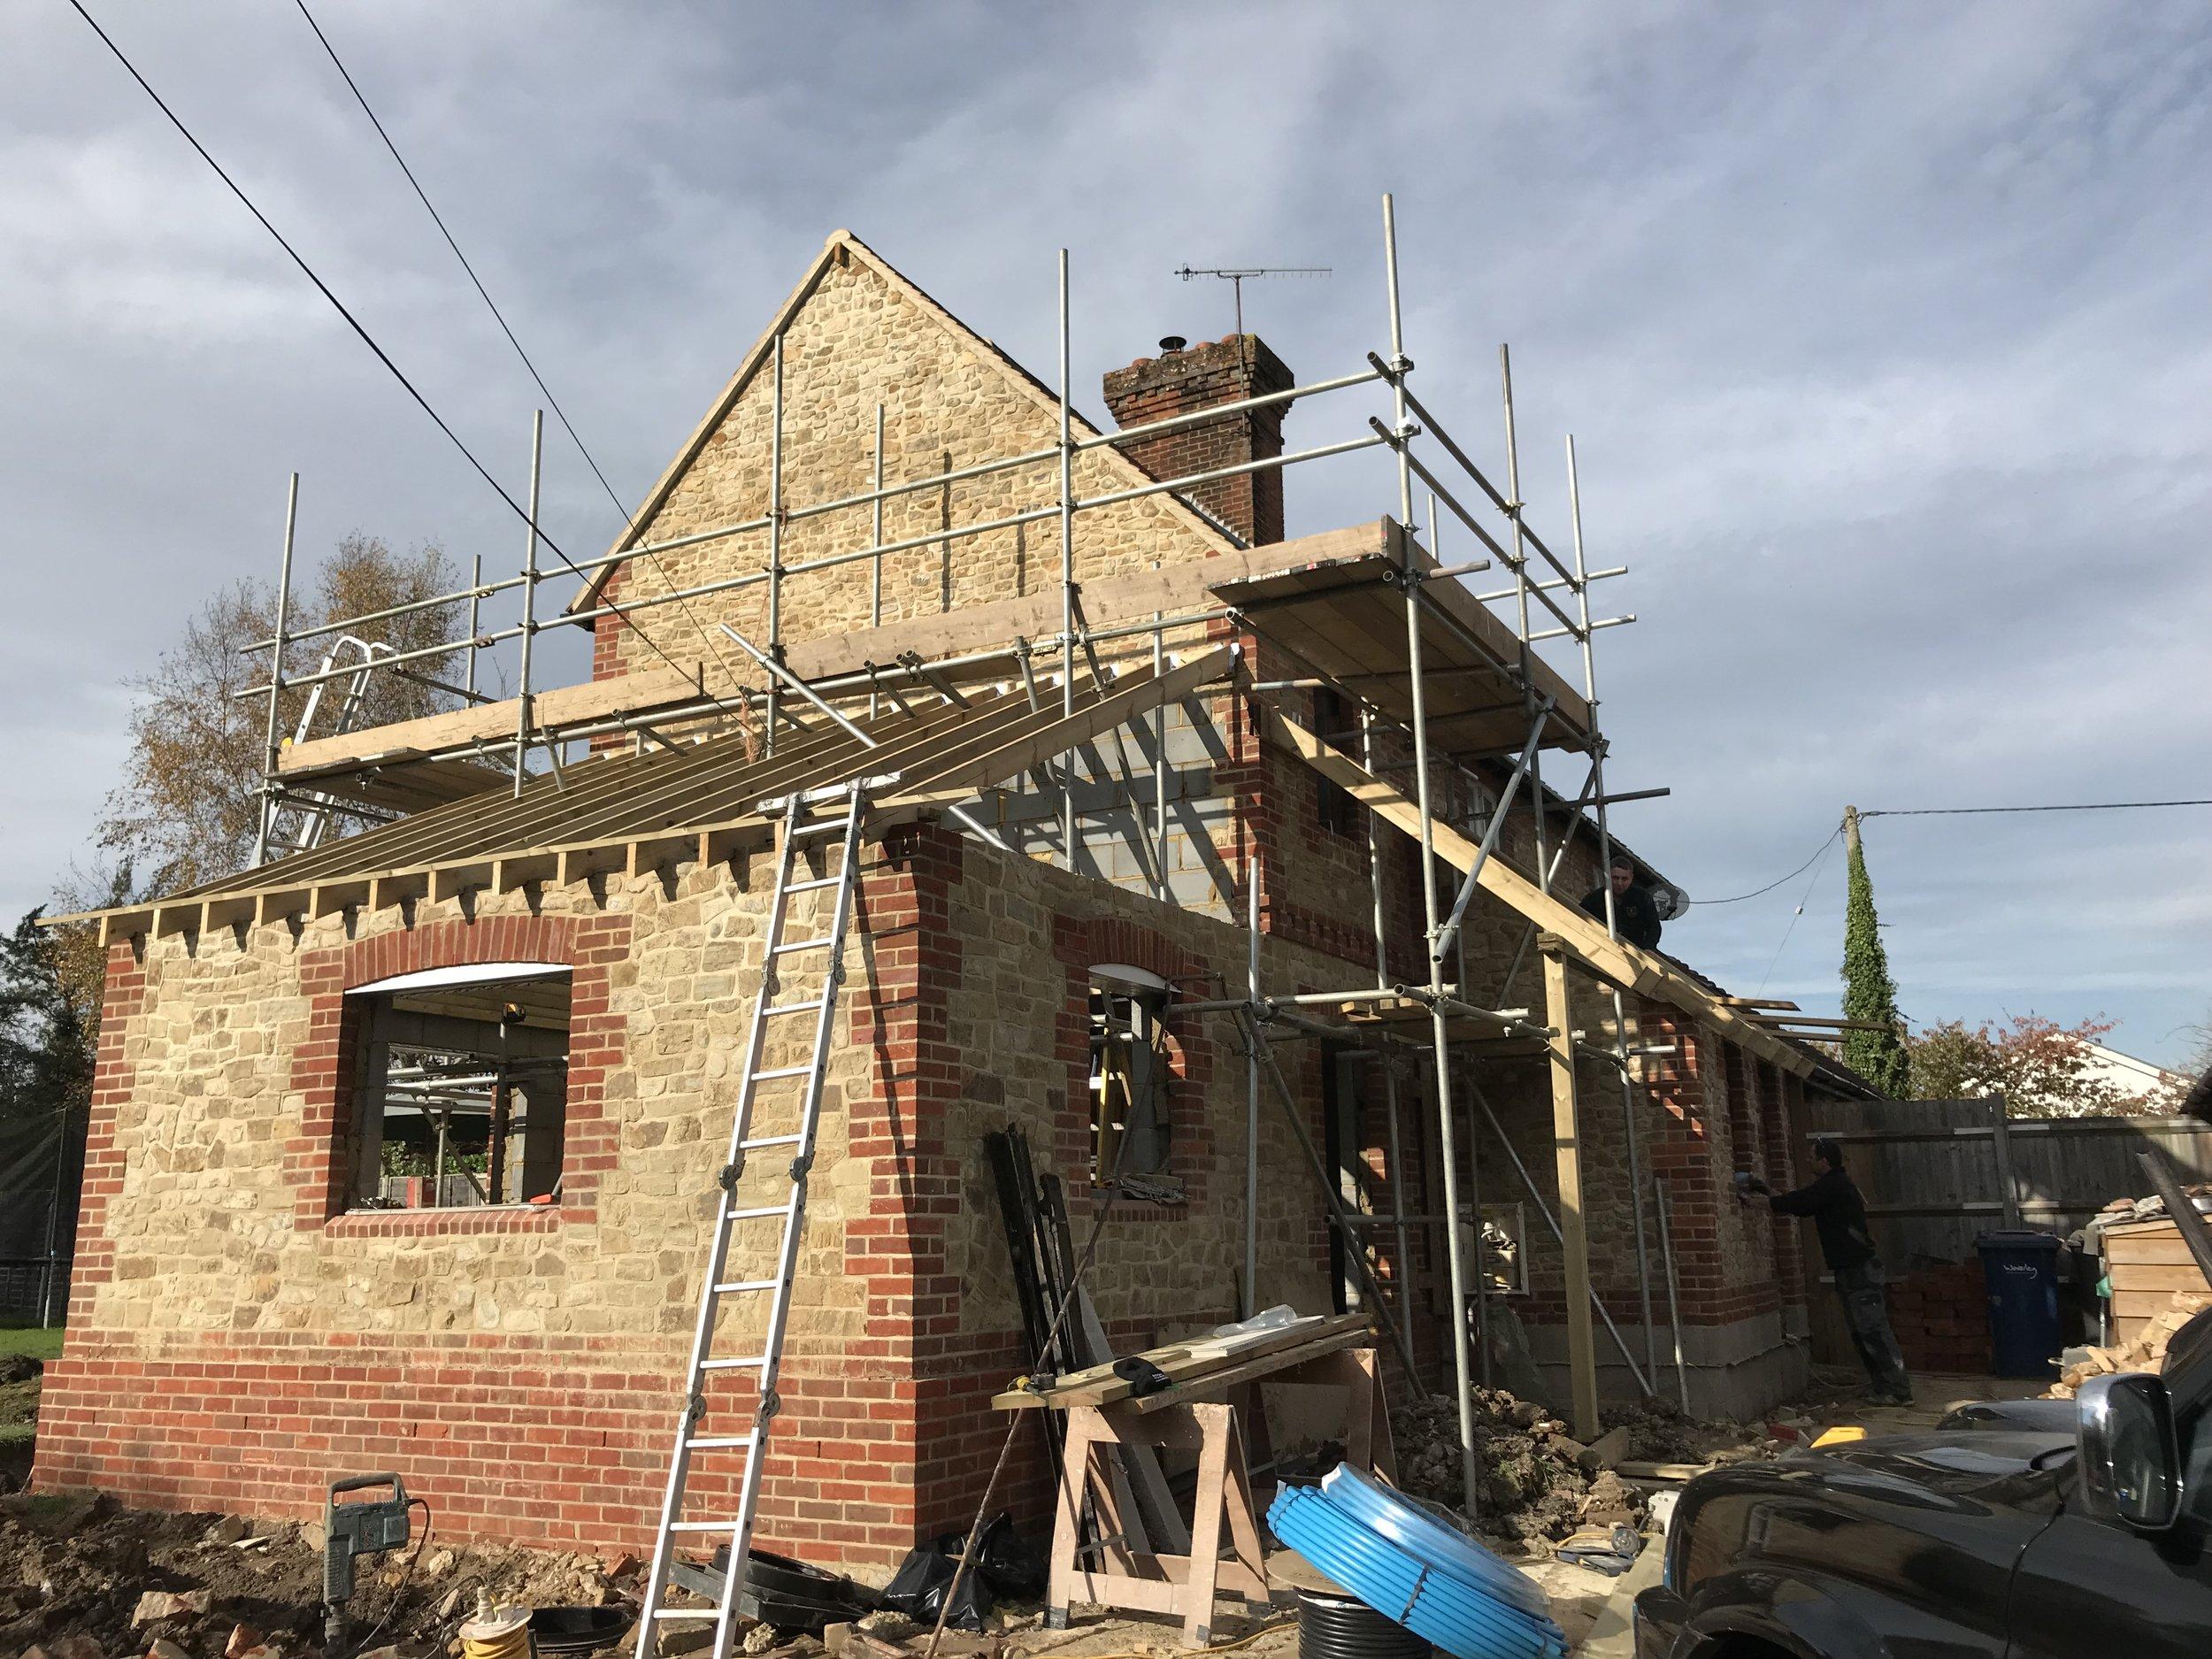 Dockenfield brickwork